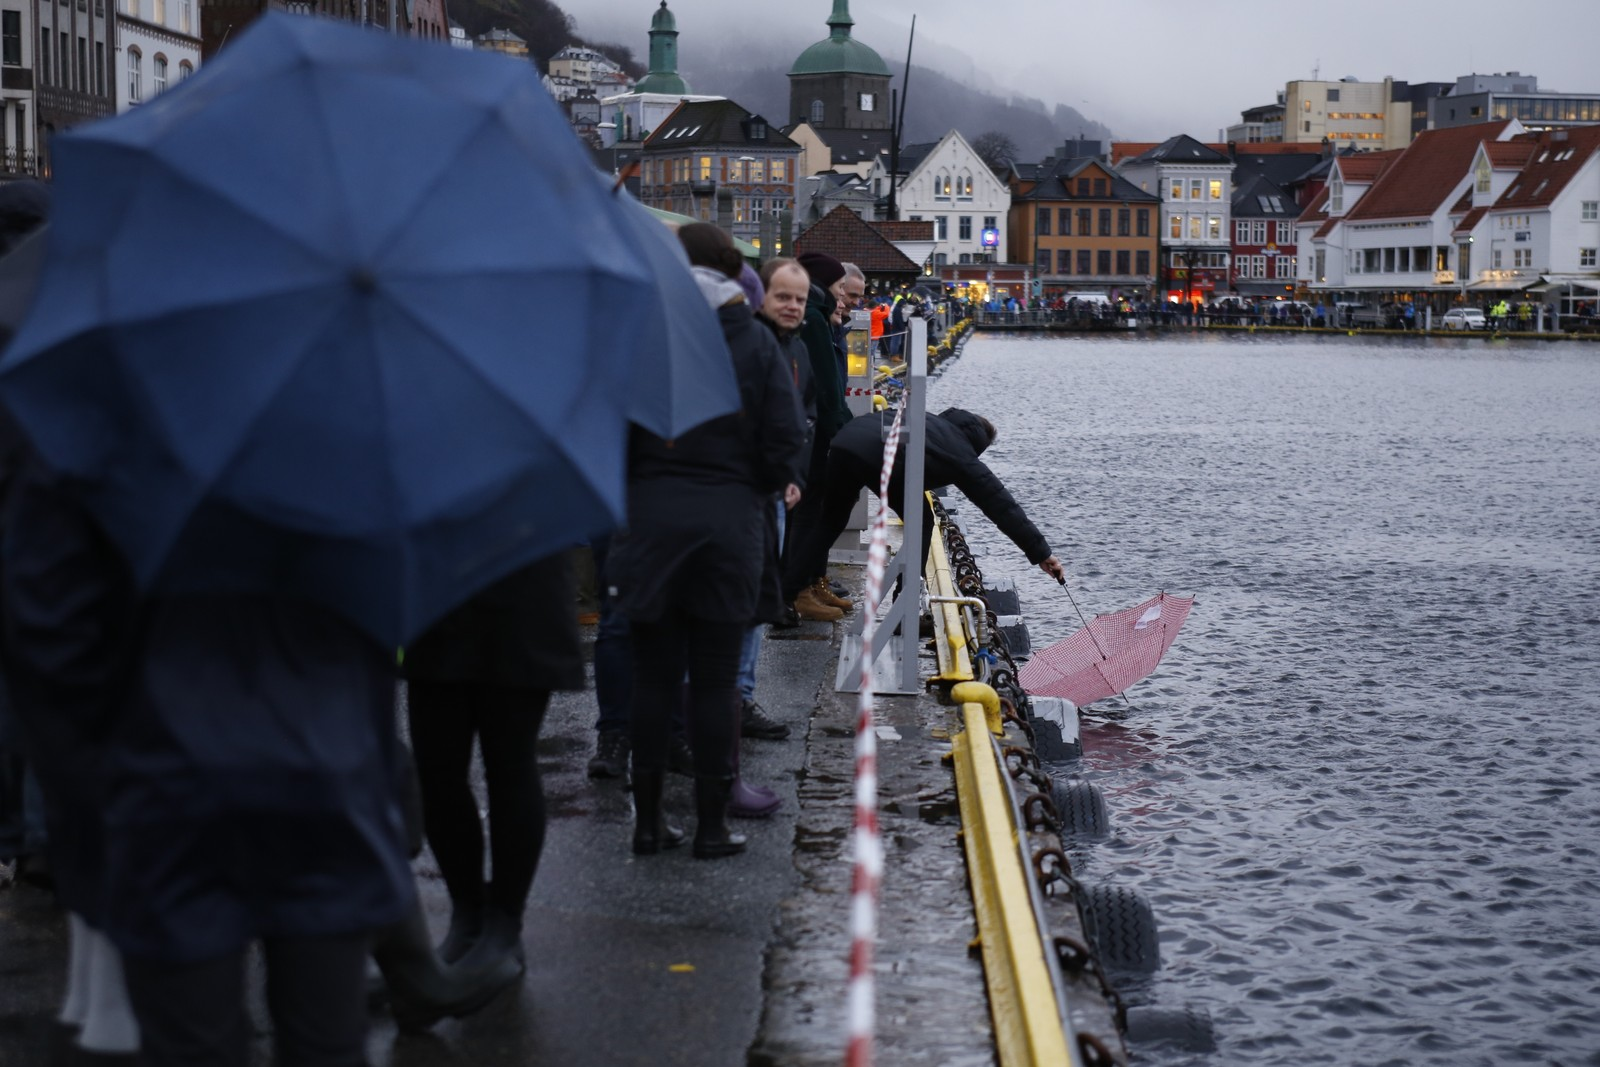 Mange skuelystne hadde møtt opp på Bryggen for å følge ekstremværet. Men vannet nådde aldri over kanten foran verdensarvbygningene i Bergen.